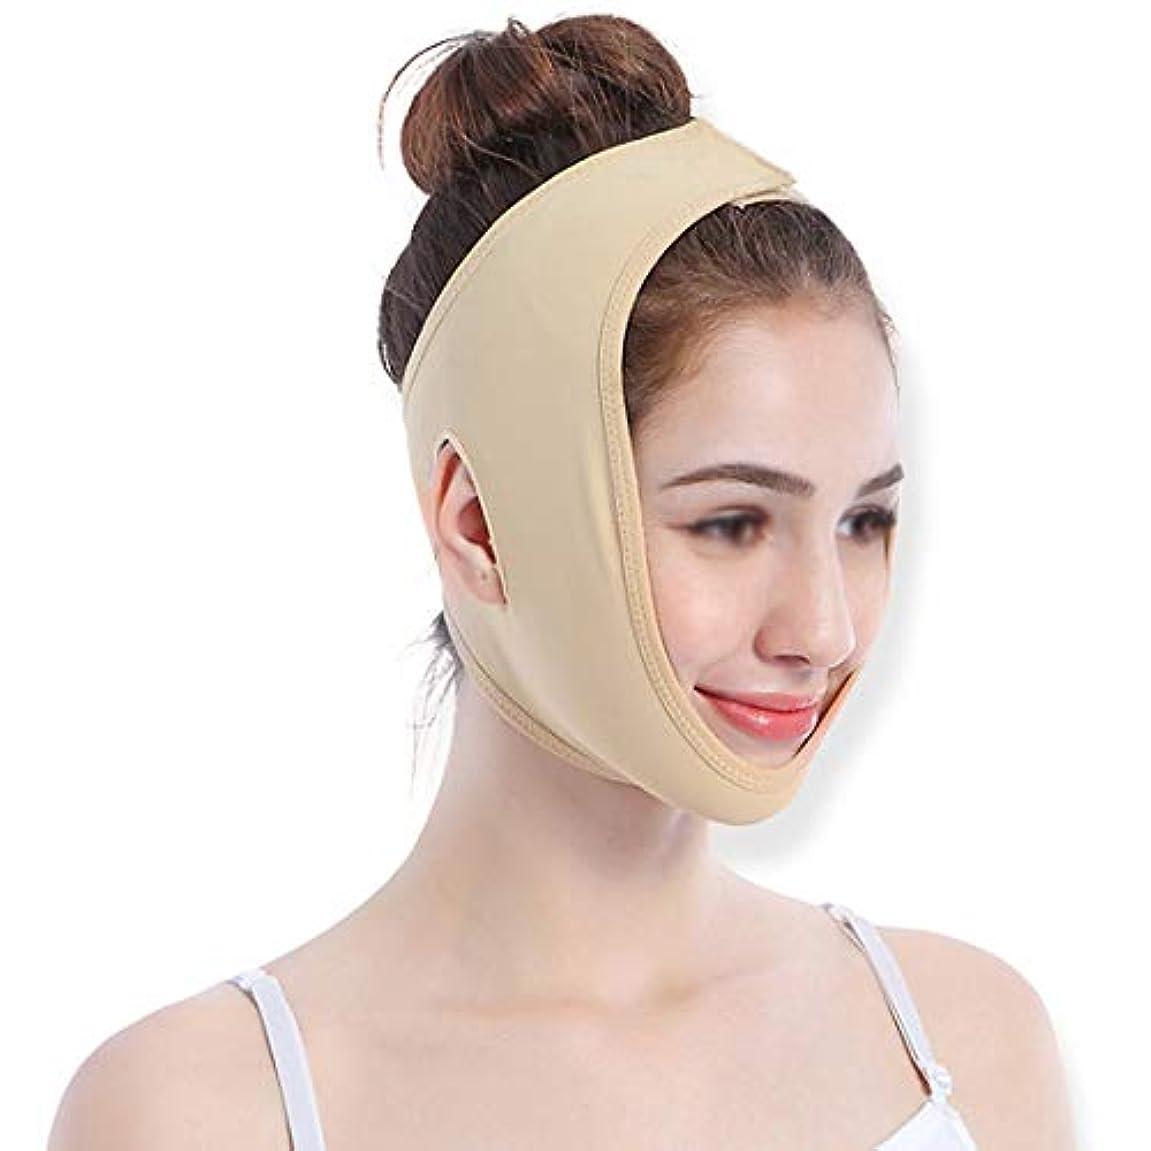 受け入れた義務づける前件ZWBD フェイスマスク, 減量の包帯の男性と女性を削除するフェイスリフティングアーティファクト二重あごフェイスリフトアーティファクトVフェイスマスク楽器包帯